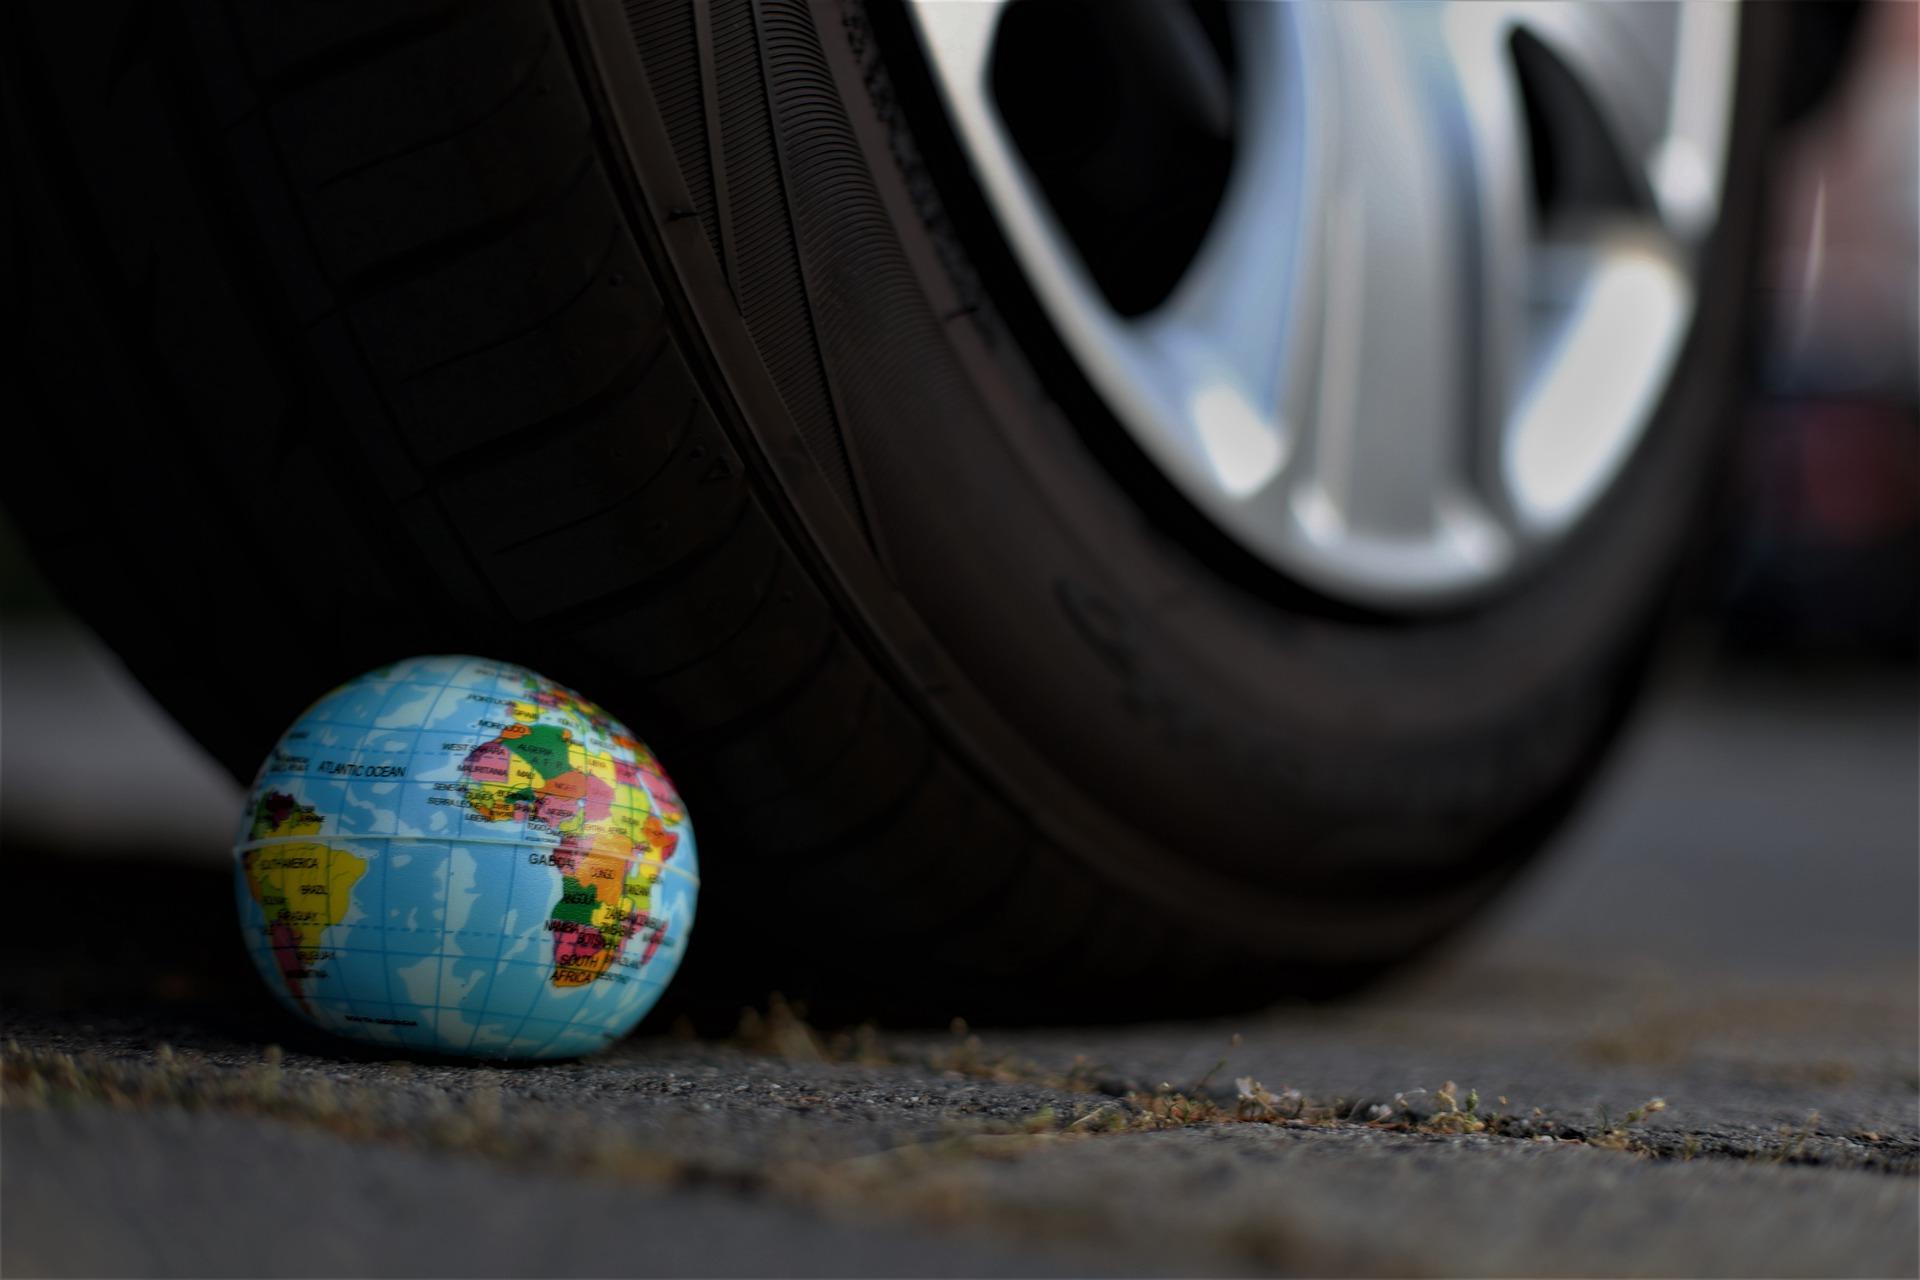 Потребление богатых людей способствует загрязнению планеты